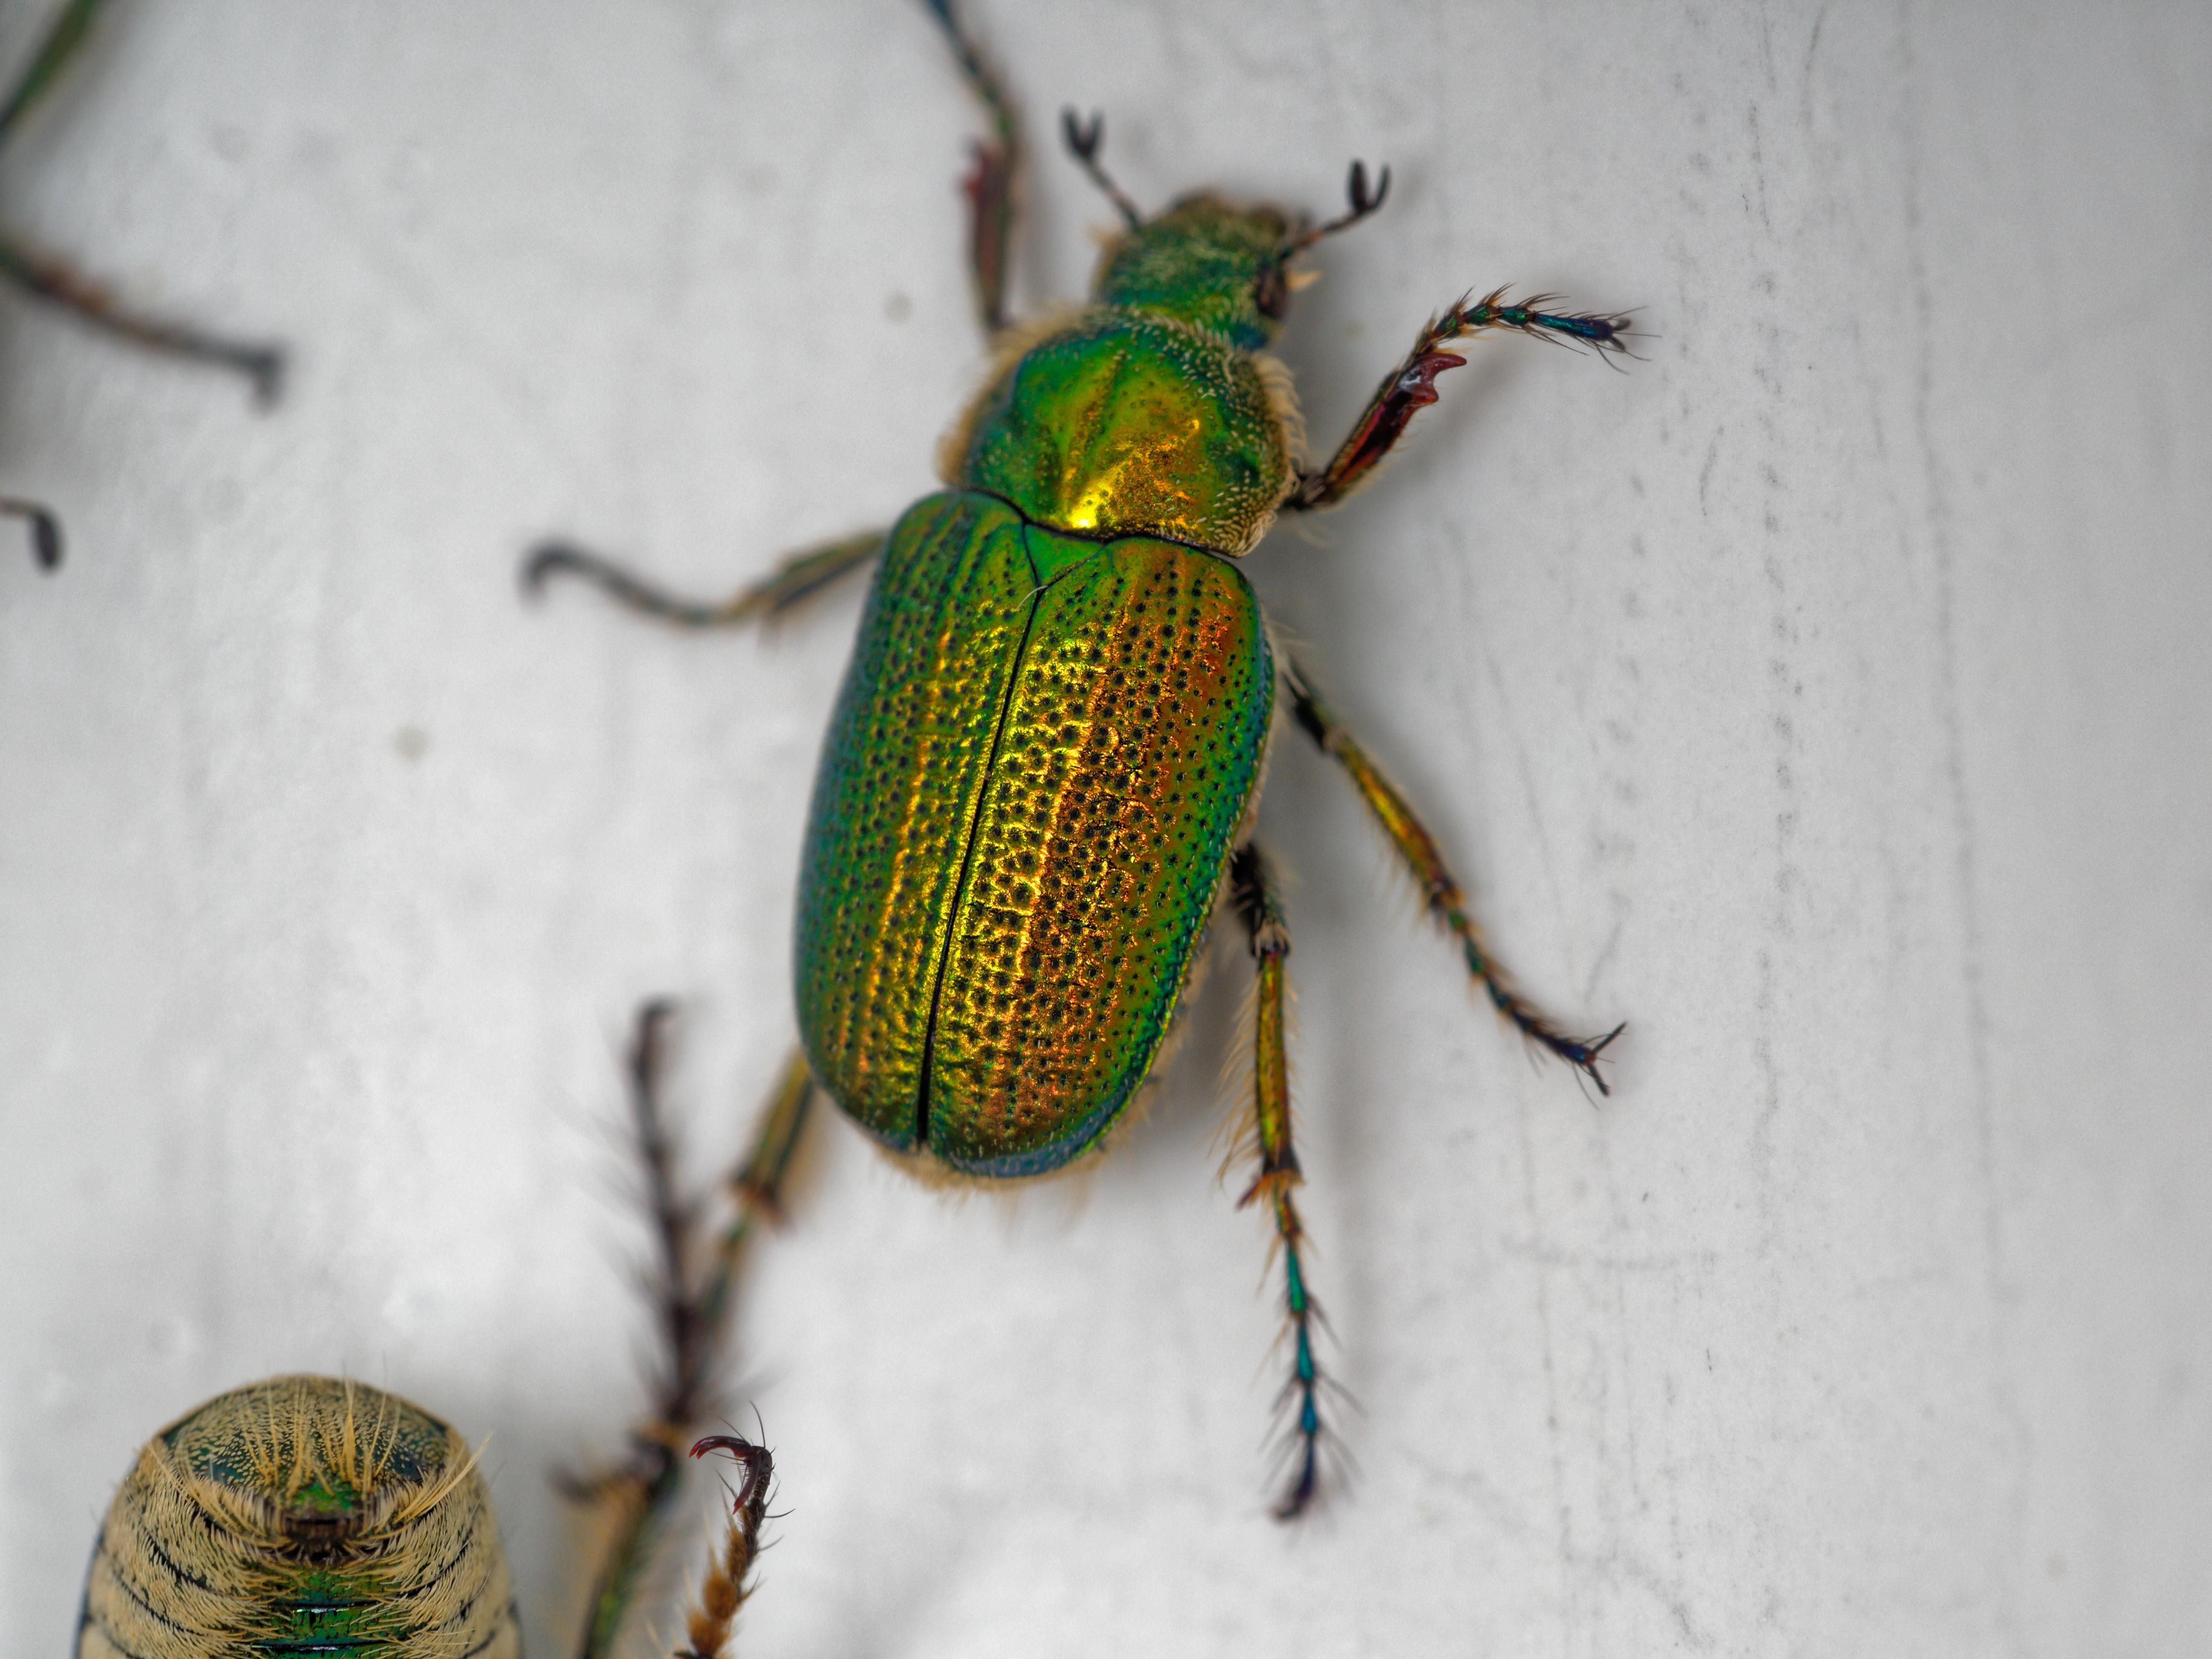 Christmas-beetle-6.jpeg